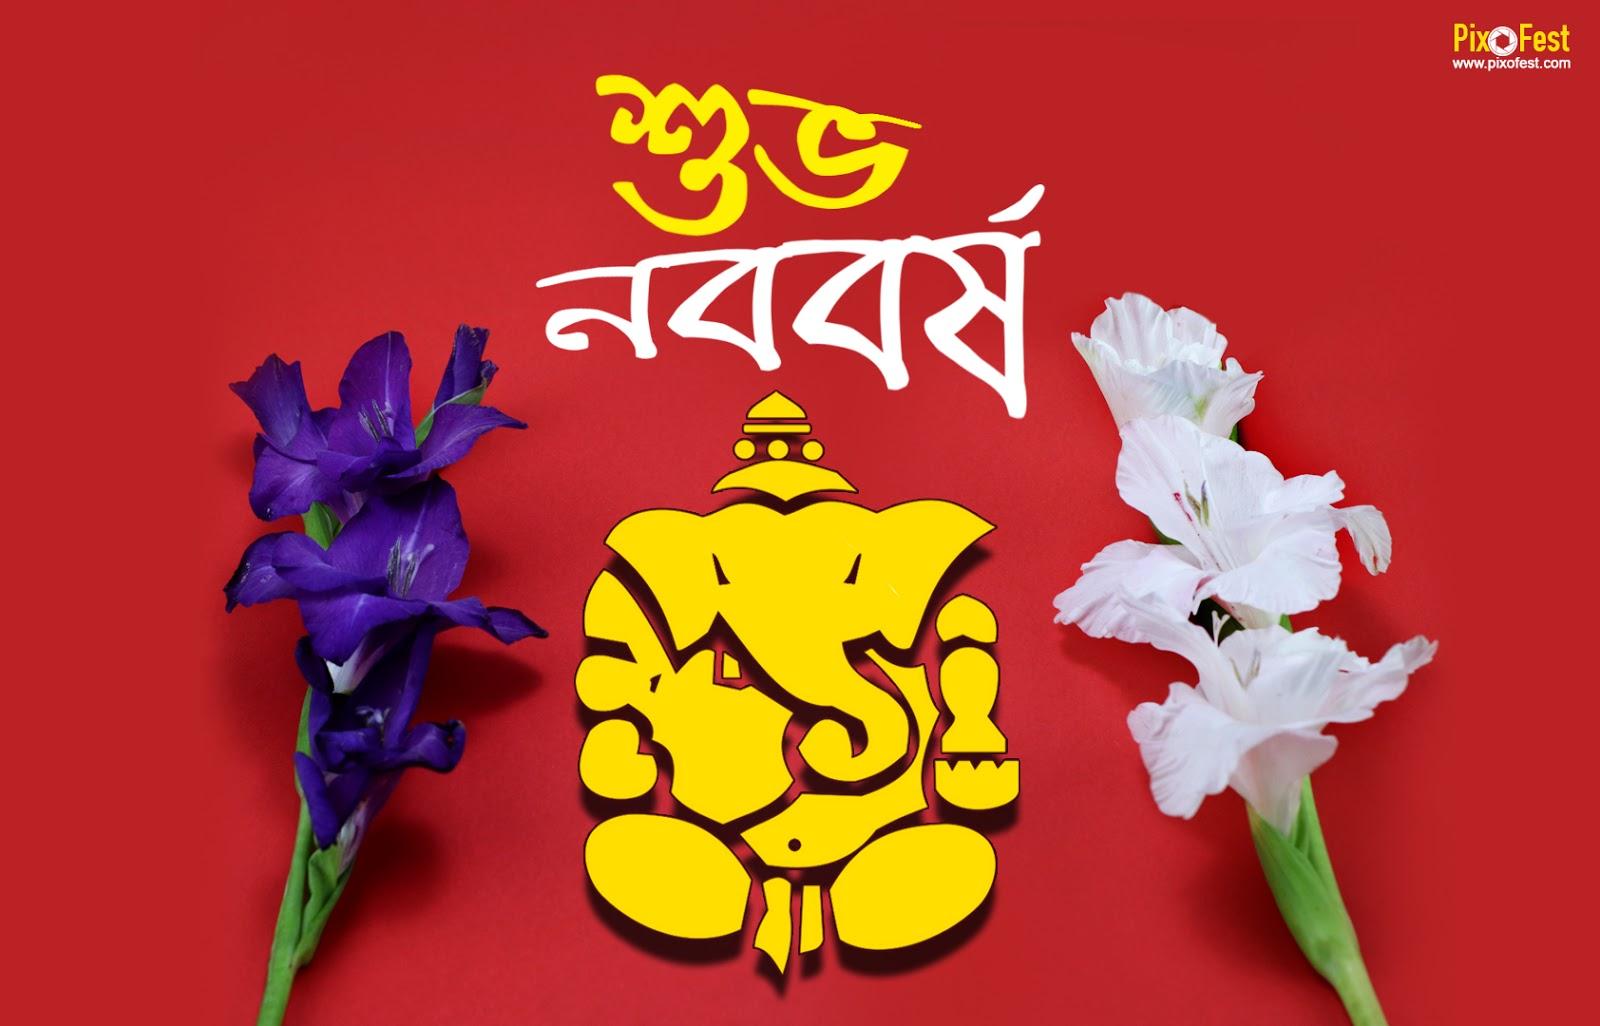 suvho nababarsha_05,subho noboborsho,navabarsha,nababarsha,pohela boishakh,pahela baishakh,bengali new year,newyear in bengali